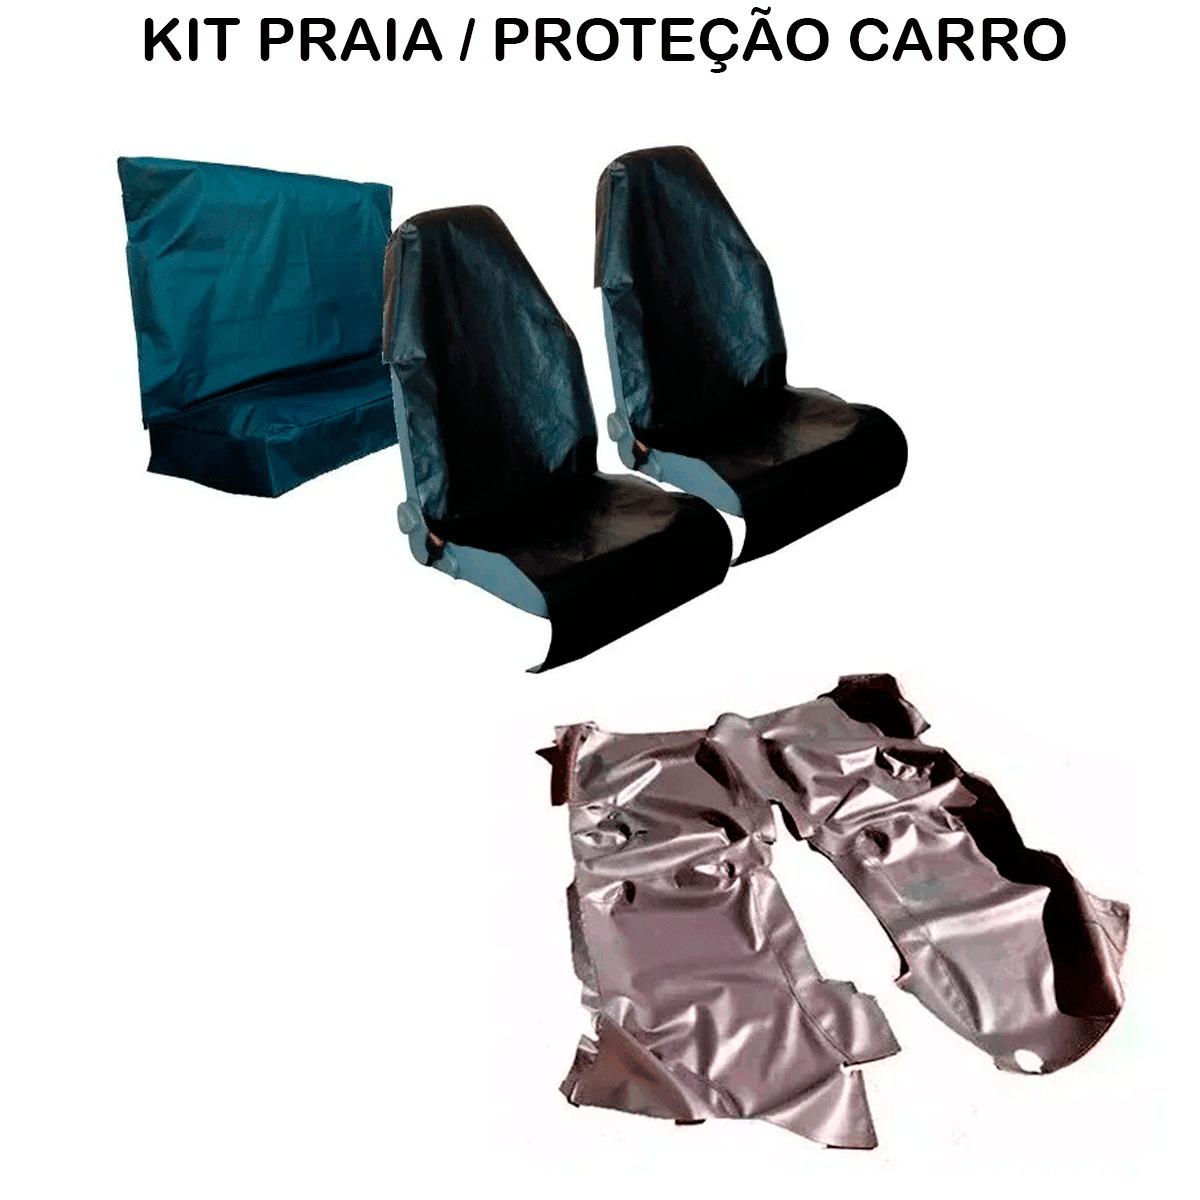 Tapete Em Vinil Volkswagen Golf Sapão + Capa Banco Protecao Banco Areia Suor Academia